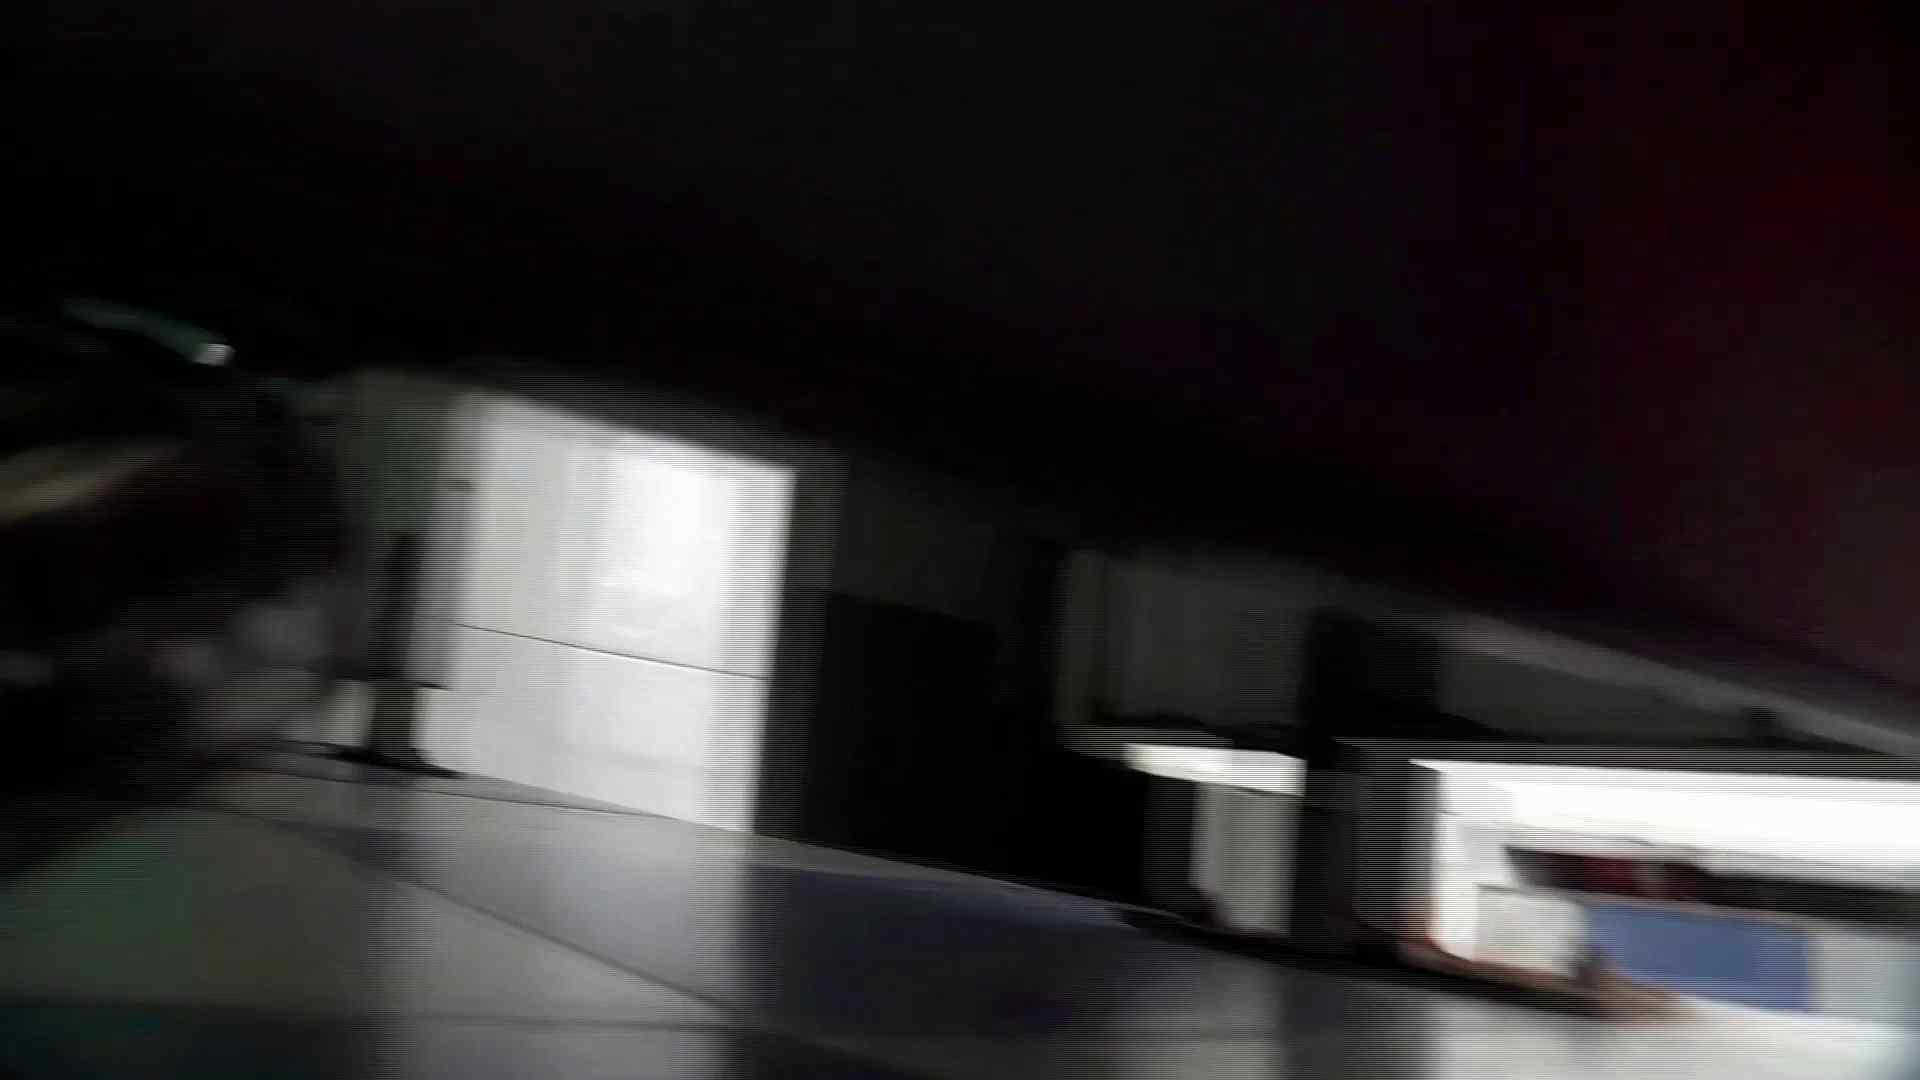 なんだこれVol.15 新しいアングル!! OLハメ撮り  58Pix 50